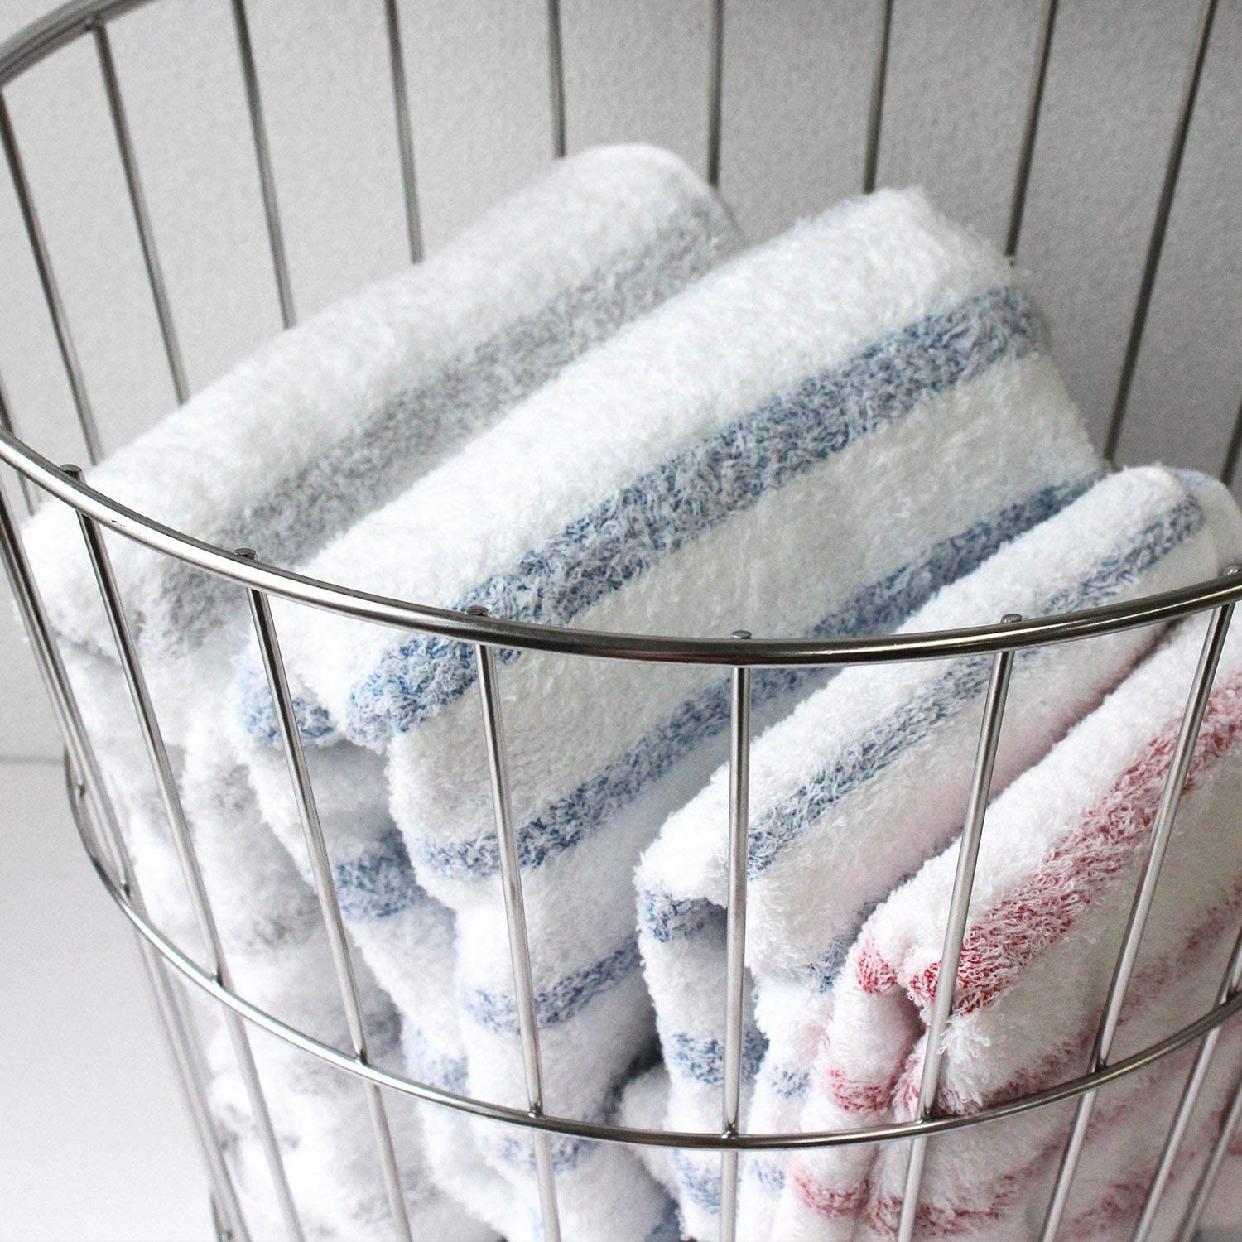 hiorie(ヒオリエ) 今治タオル ボーダーバスタオルの商品画像9